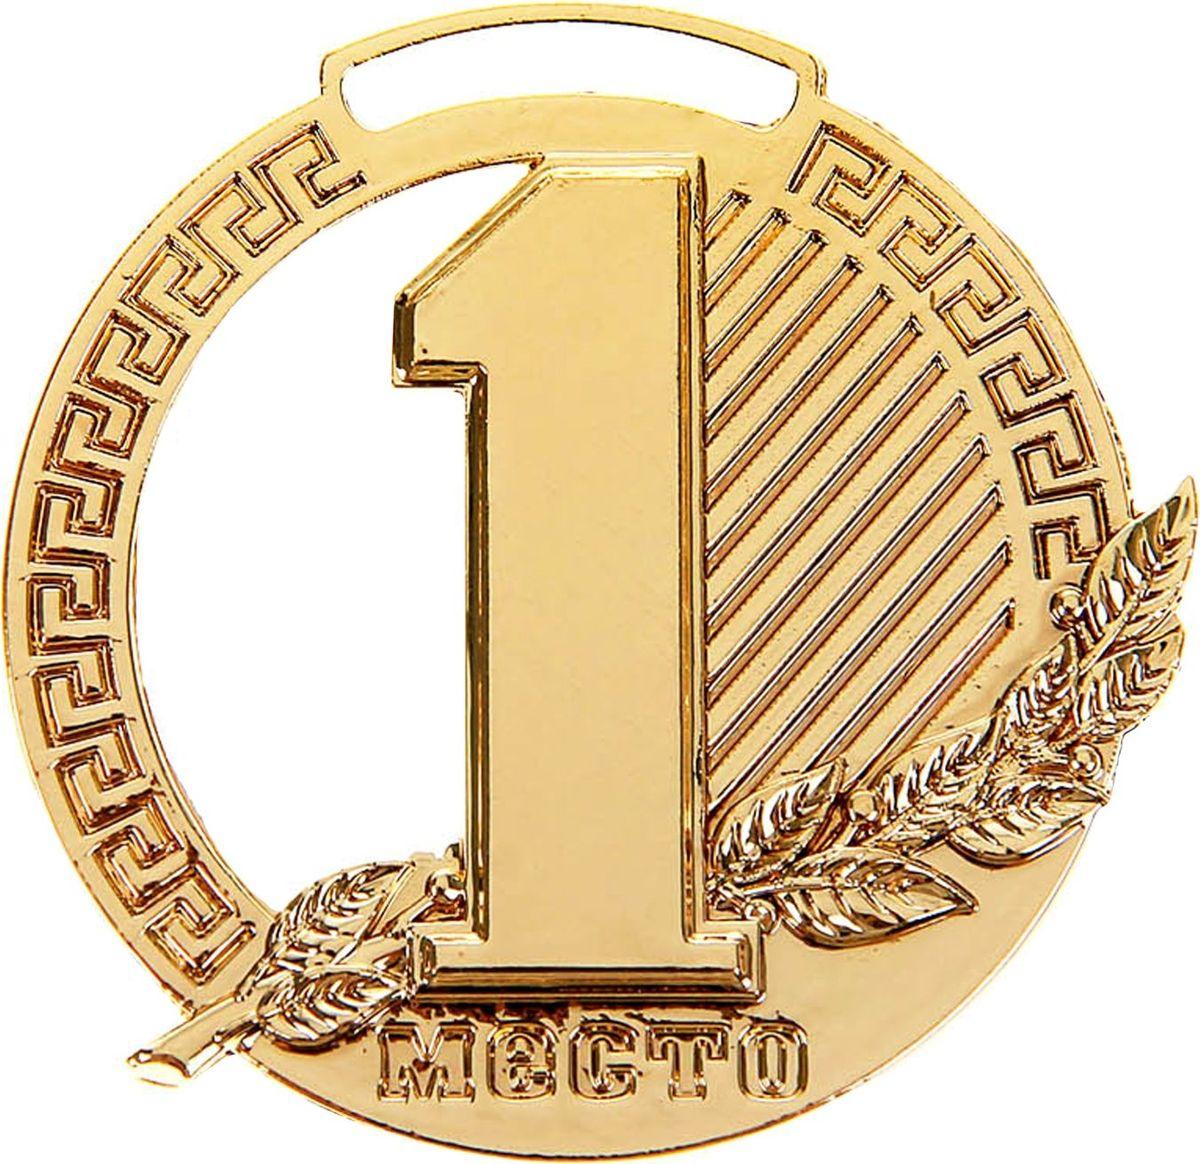 Медаль сувенирная 1 место, цвет: золотистый, диаметр 5,5 см. 003183523Эта универсальная медаль с классическим дизайном подойдёт для любых соревнований. вы сможете дополнить её персональной гравировкой или корпоративной символикой.Если необходимо подчеркнуть важность домашнего или корпоративного спортивного мероприятия, то оригинальным и запоминающимся итогом соревнований будет вручение медалей участникам и победителям. Диаметр медали:: 5,5 см. Сверху расположено отверстие для крепления ленты.